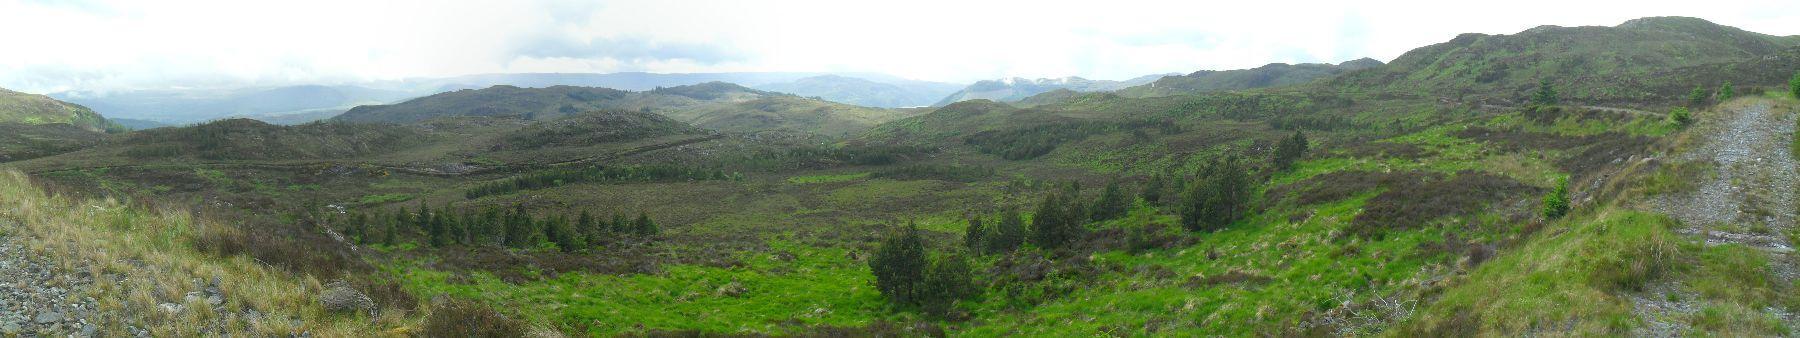 Der Weg macht am Talende eine 180-Grad-Wende und verläuft auf breitem Schotterweg auf gleichbleibender Höhe den Hang entlang. Horizontal in der Mitte der linken Bildhälfte sieht man den zurückliegenden Weg, rechts den vor mir liegenden, in der Bildmitte im Sonnenschein die GGW-High-Route und dahinter einen schmalen Streifen von Loch Ness. Der Abstecher hat sich jetzt schon gelohnt